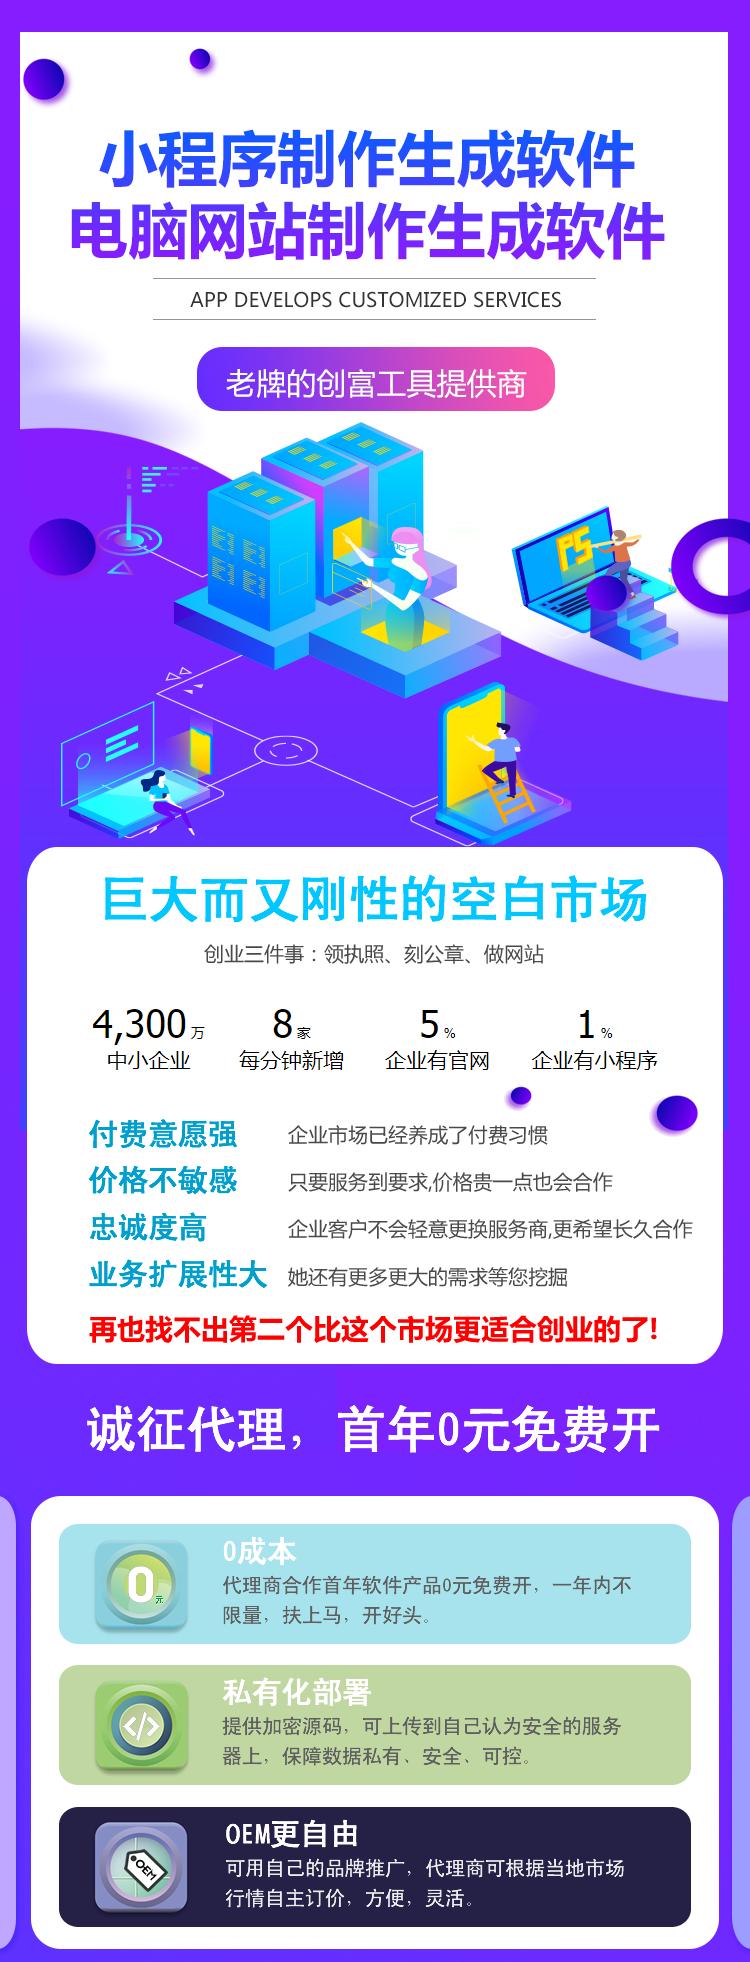 招商海报新1